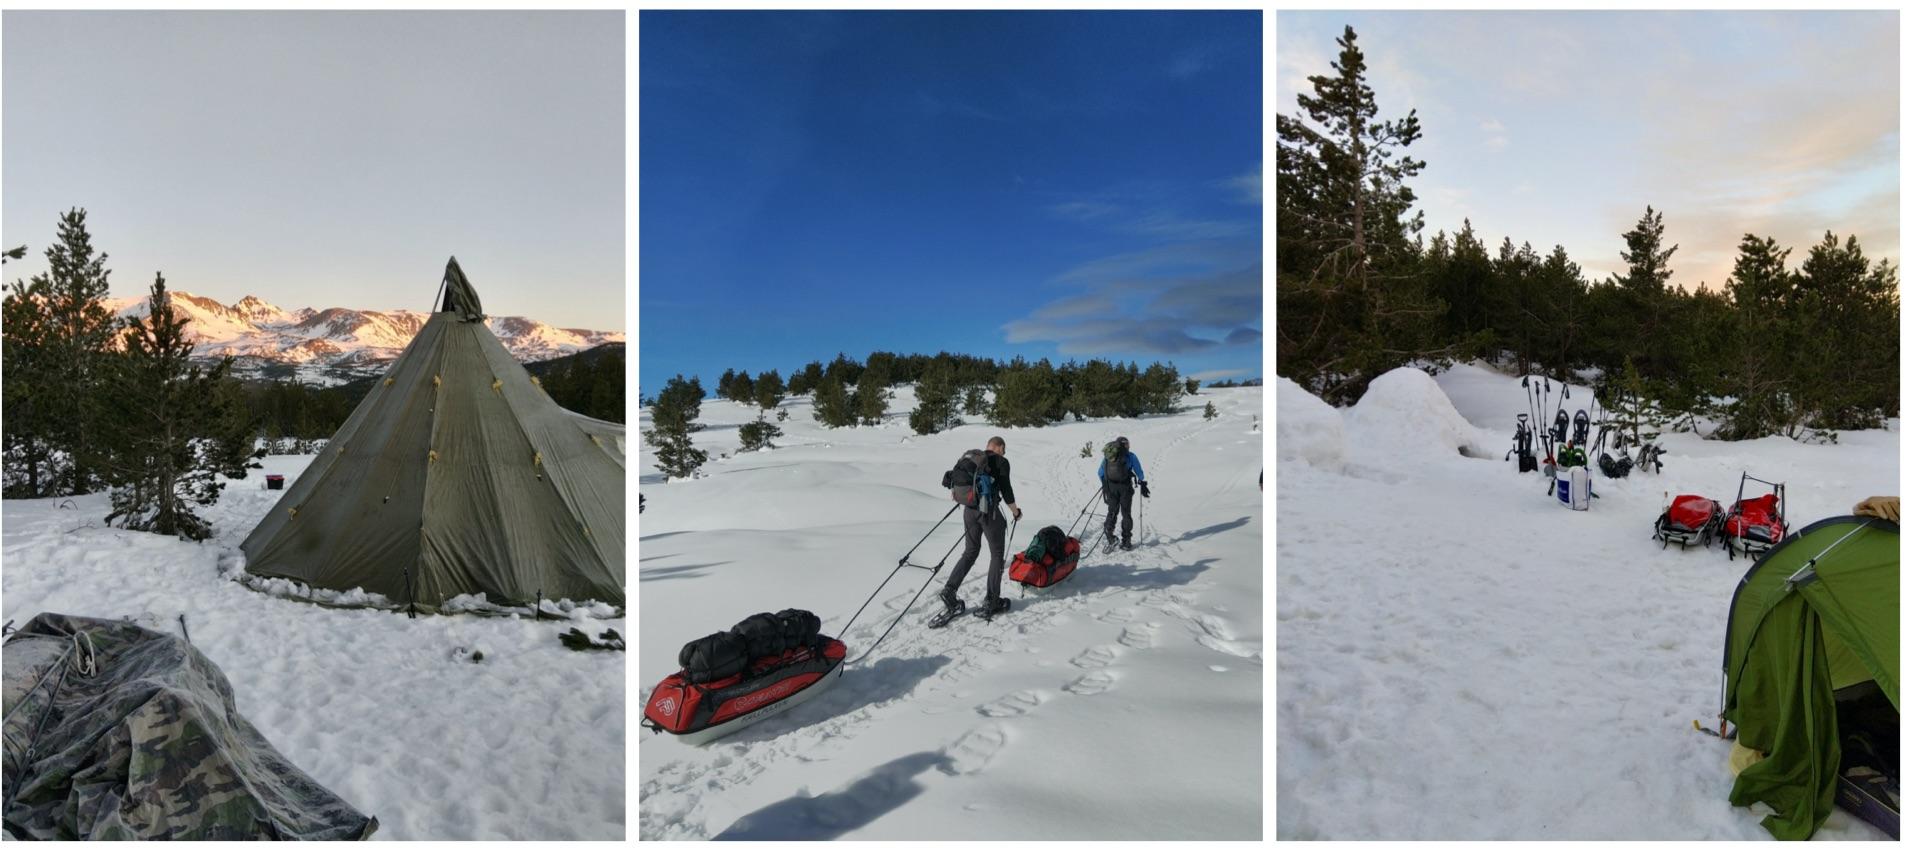 séjour raquettes montagne hiver pour améliorer ses connaissances de la pratique de la montagne enneigée